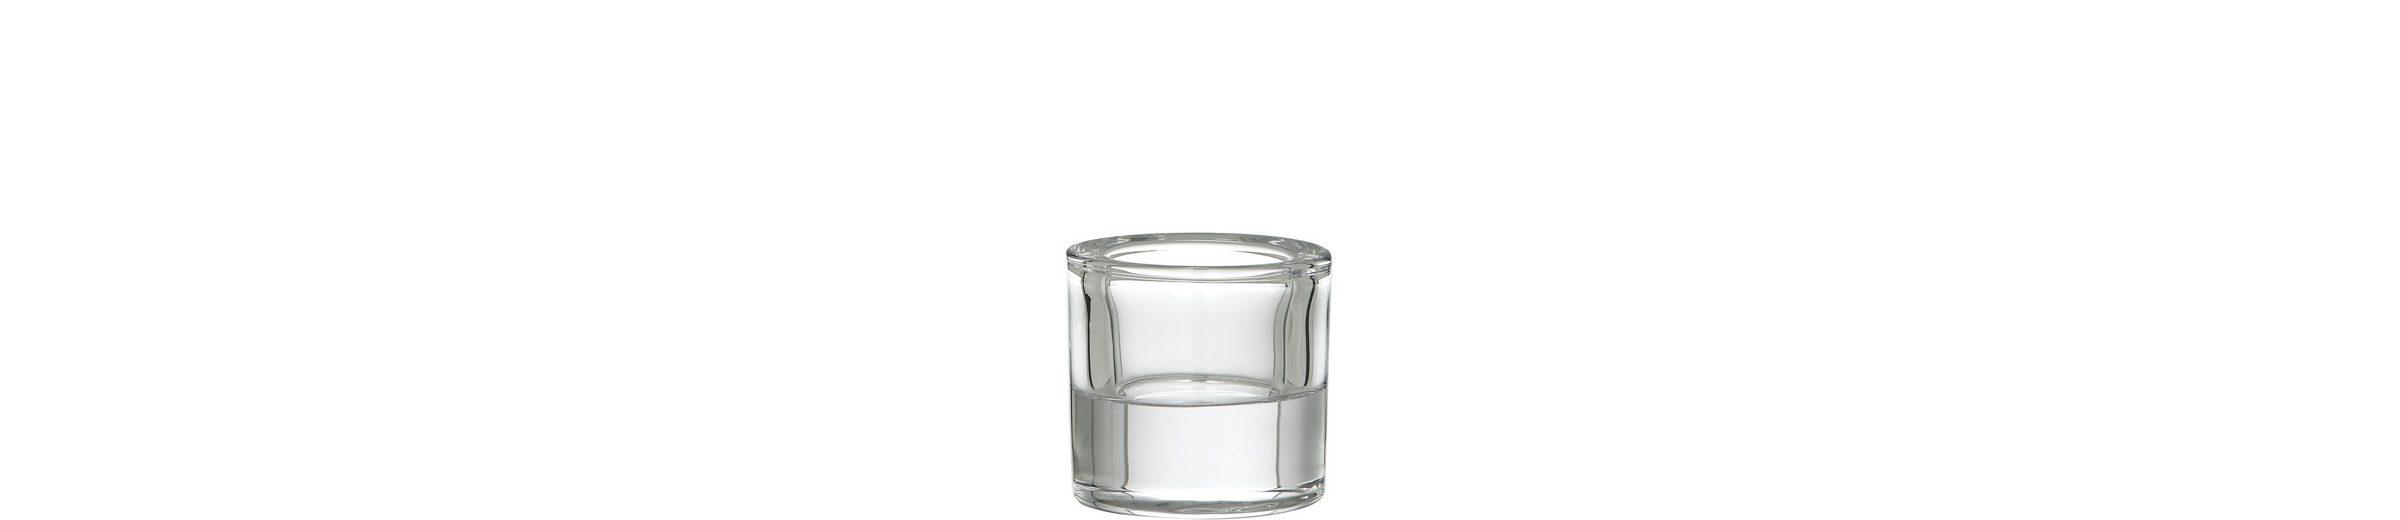 BUTLERS DELIGHT »Teelichthalter«